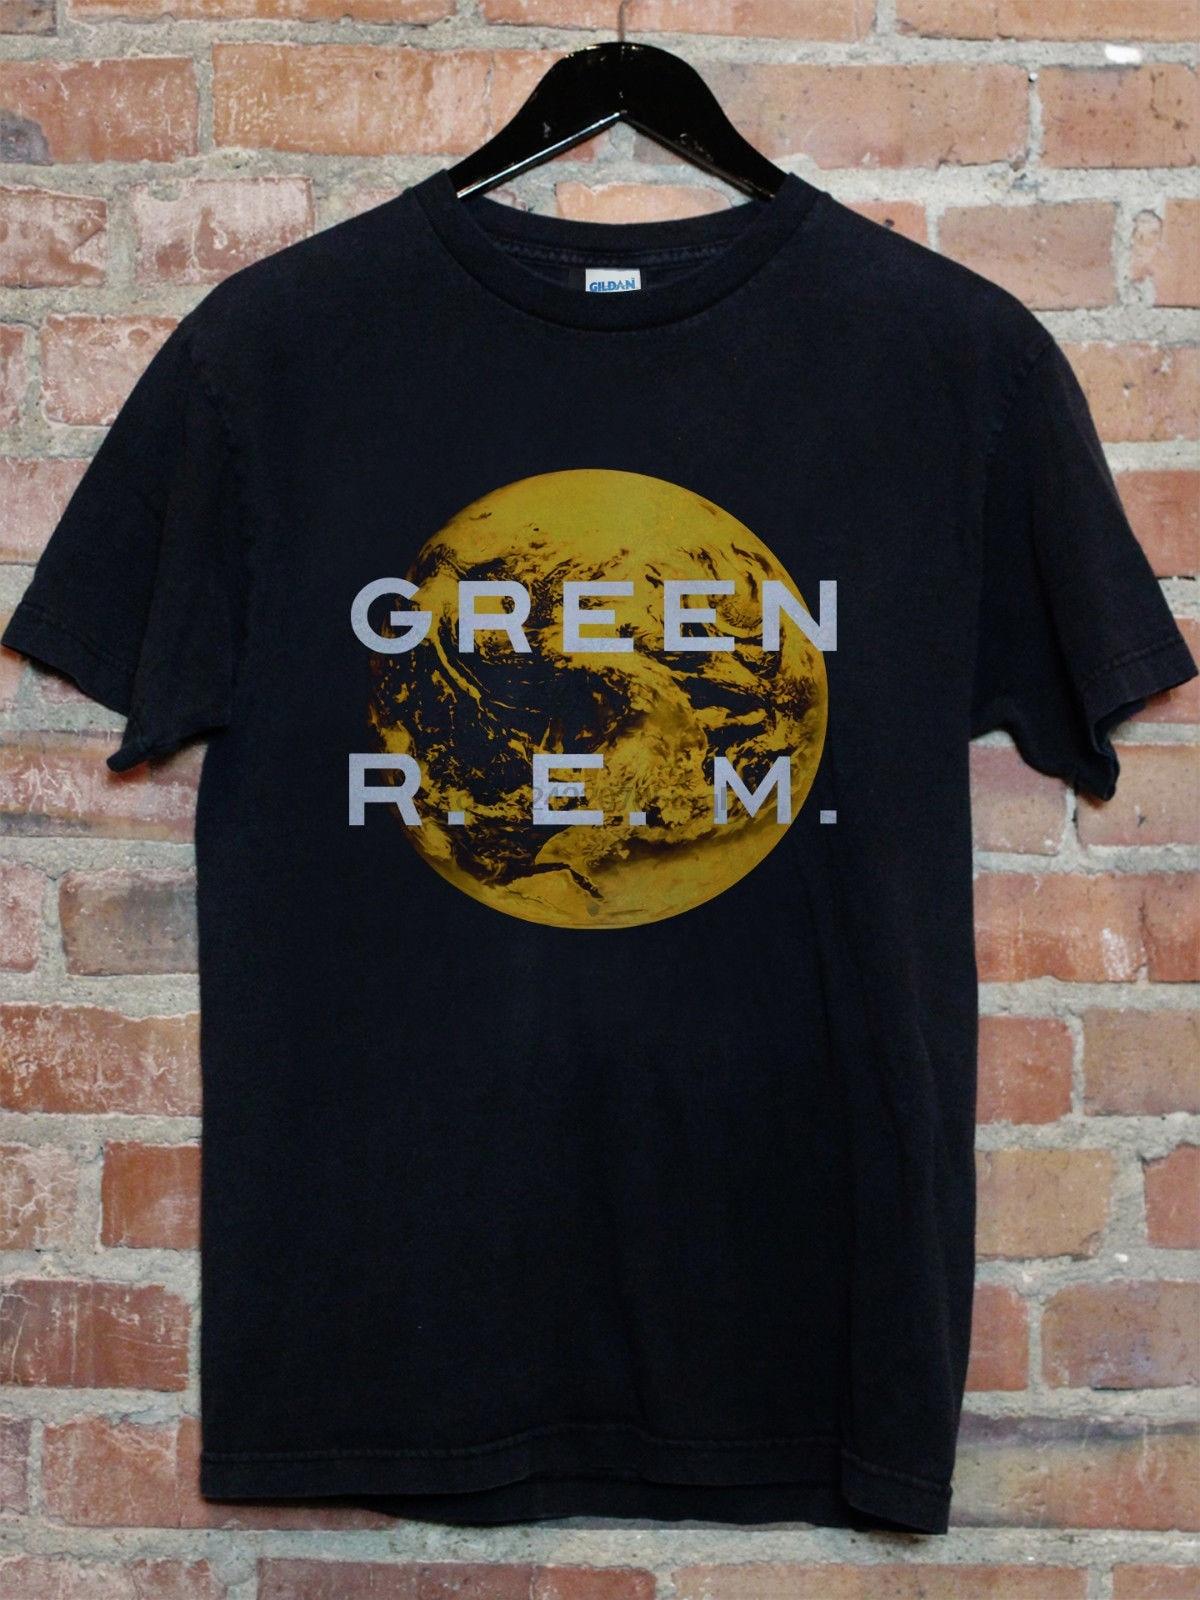 REM t shirt S M L XL 2XL 3XL people green murmur